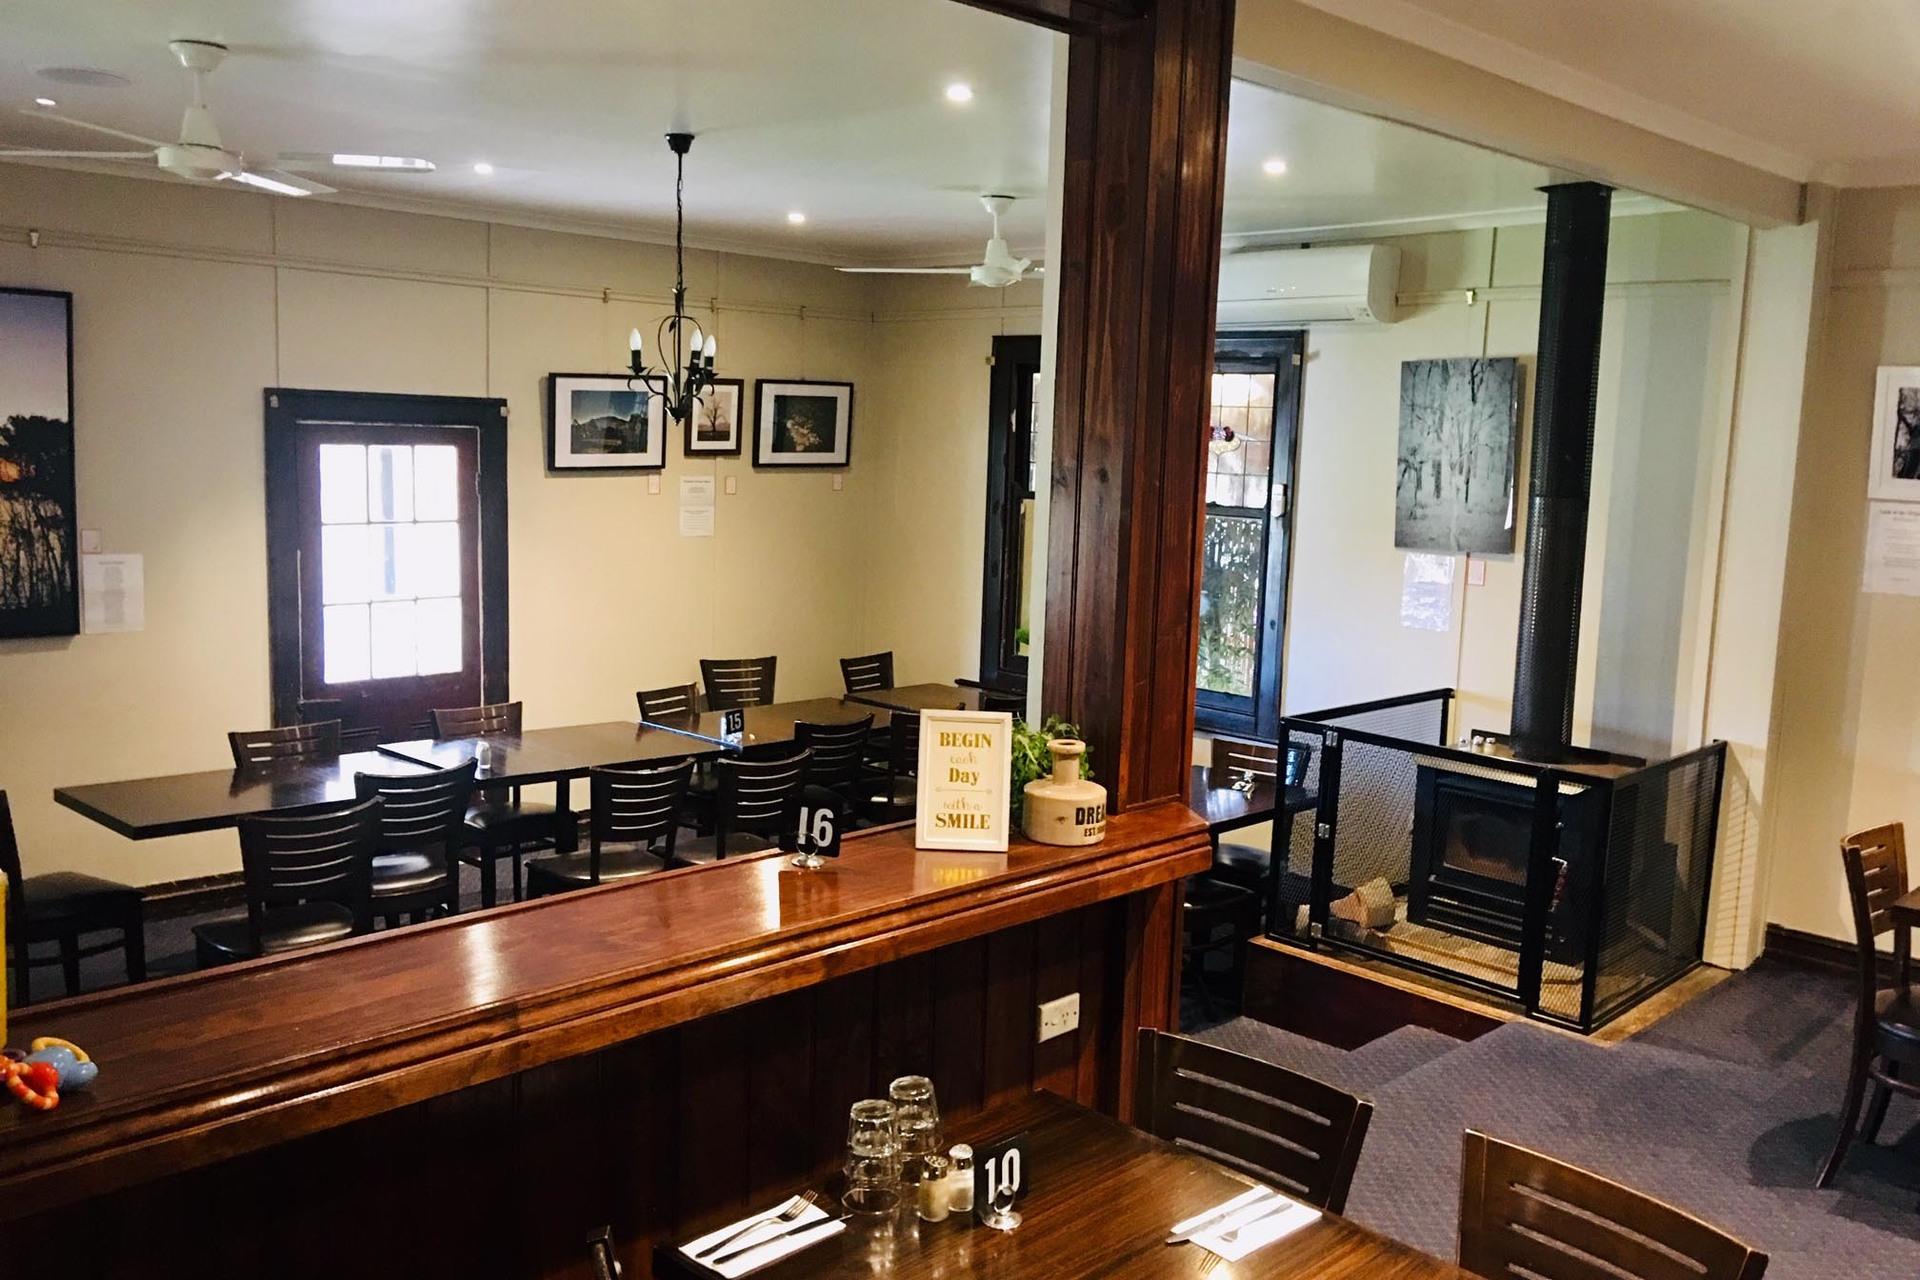 a - Axedale Tavern